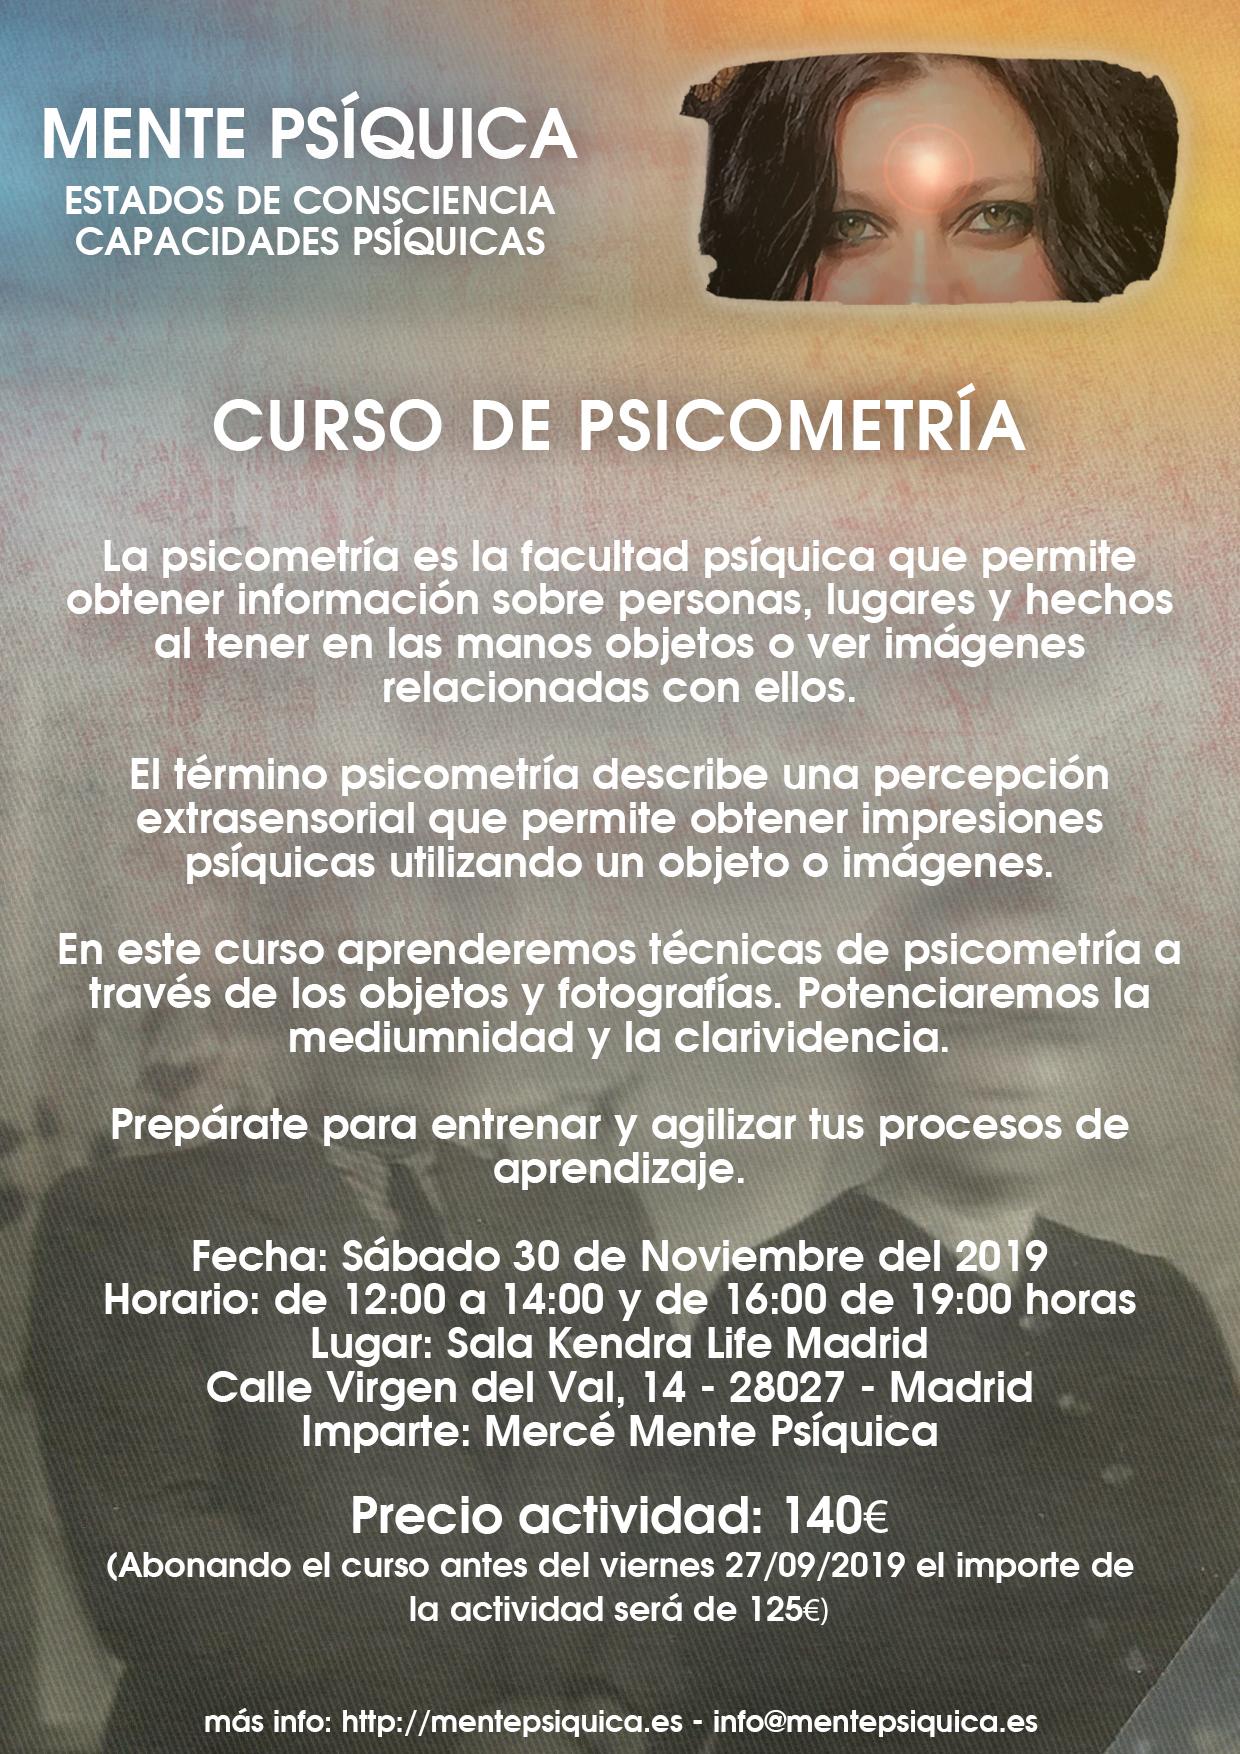 Curso de psicometría @ Sala Kendra Life Madrid